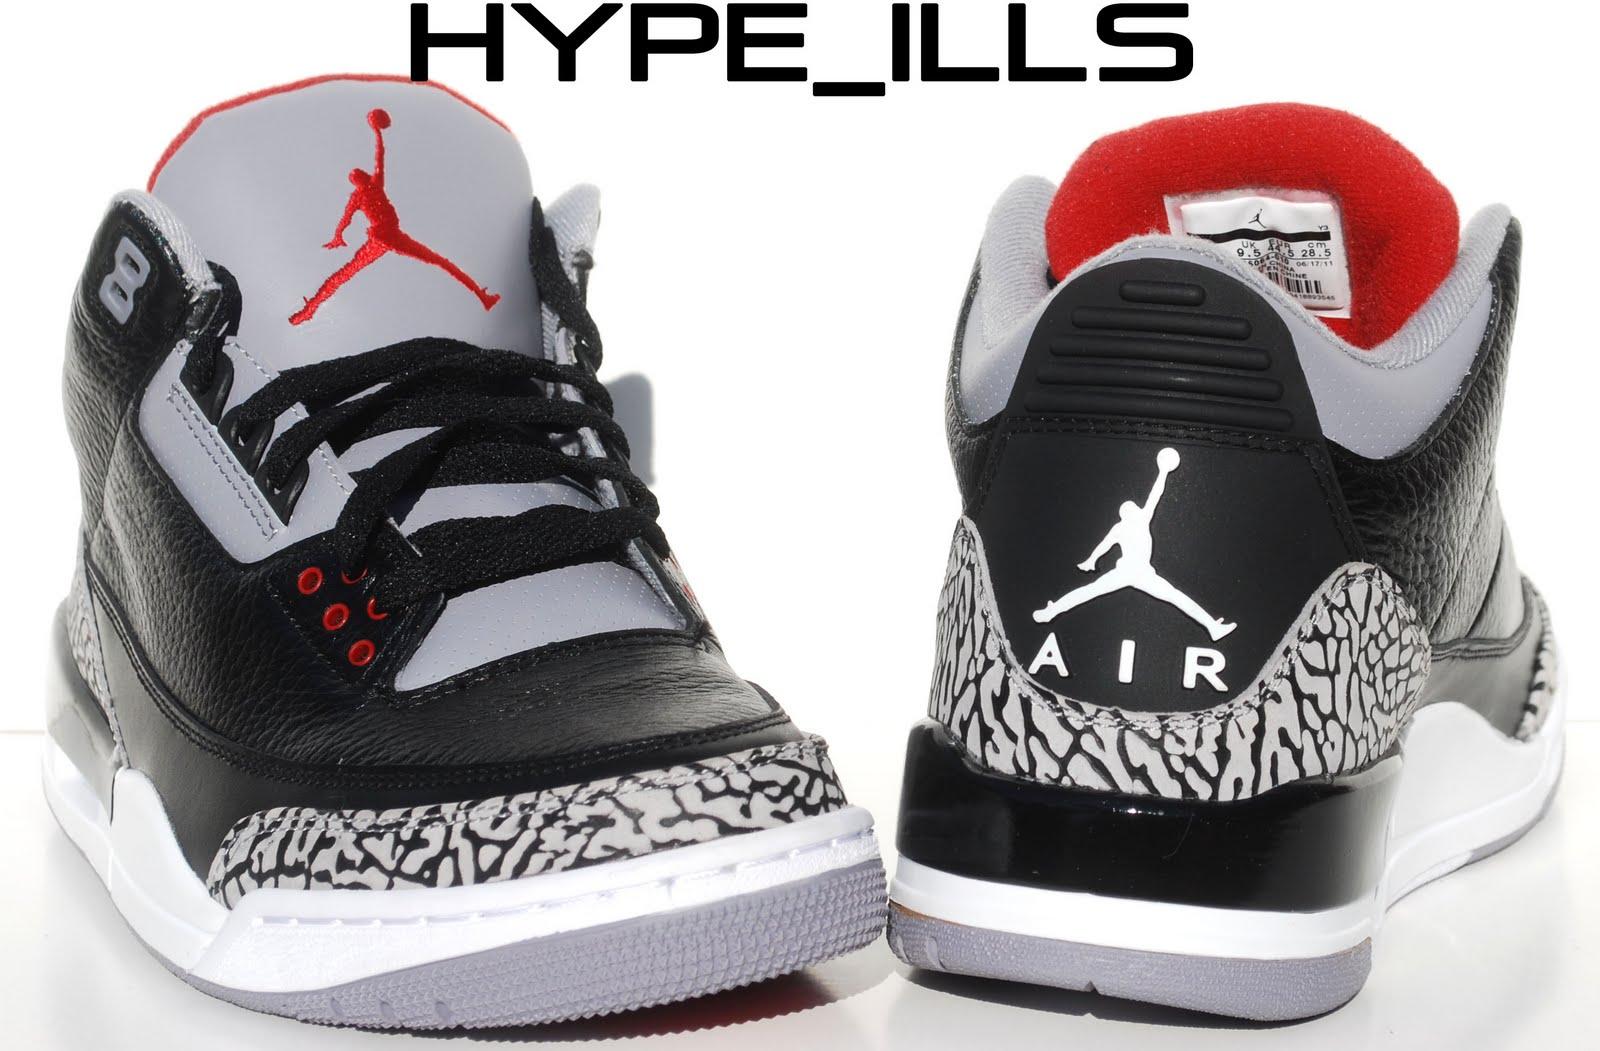 The Jordan 3